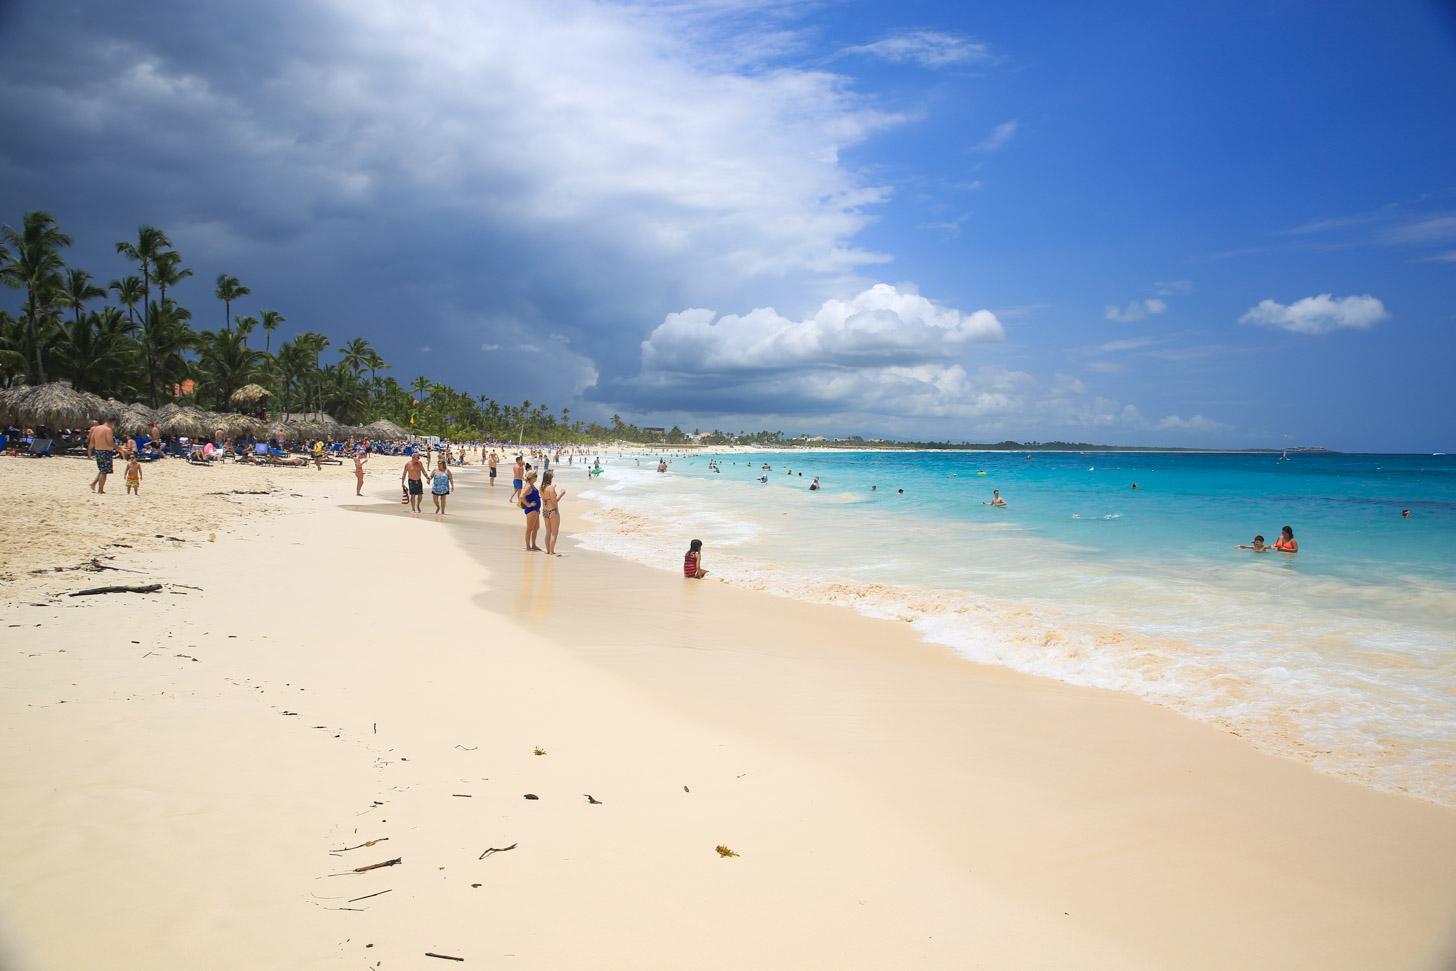 Het weer in Punta Cana: een afwisseling van zon en wolken